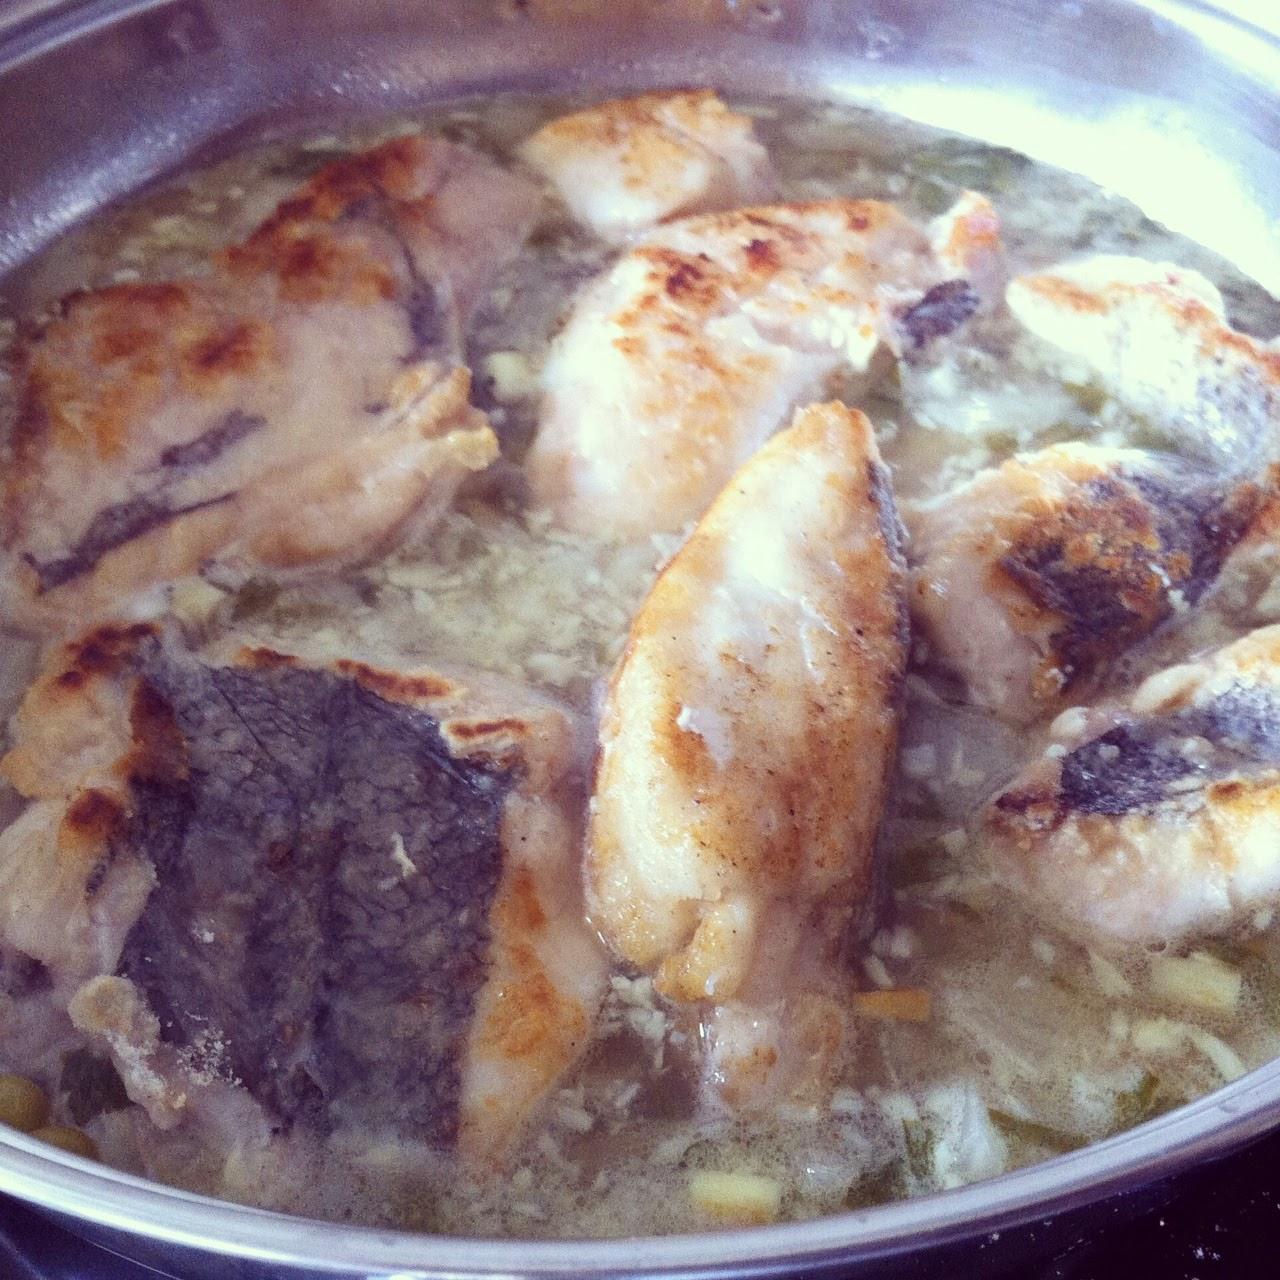 Cociendo la merluza con la salsa.